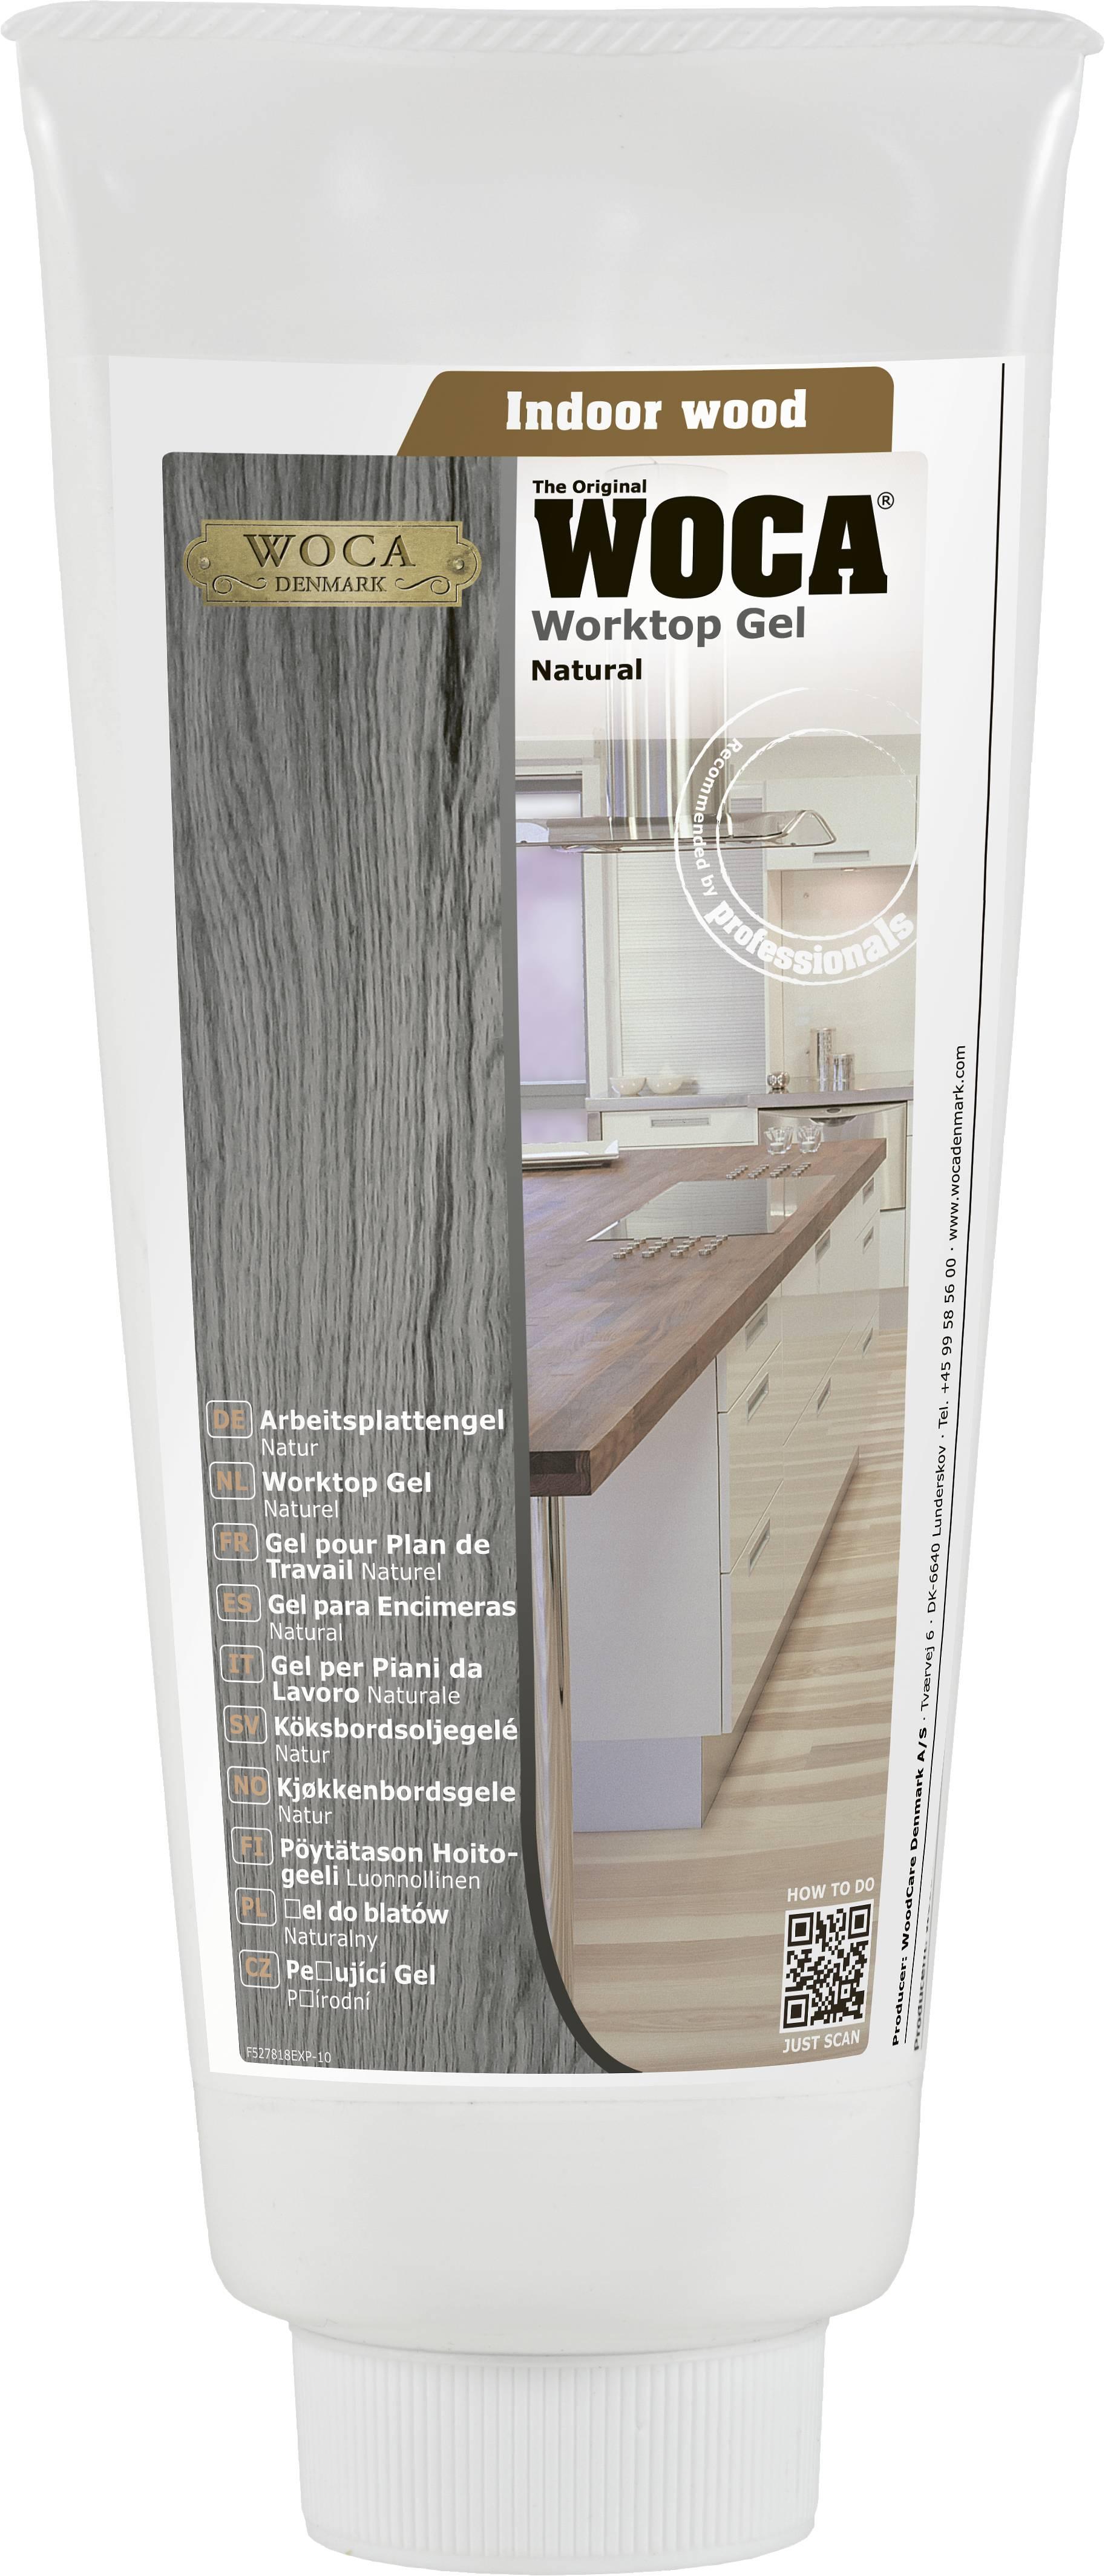 WOCA Worktop gel